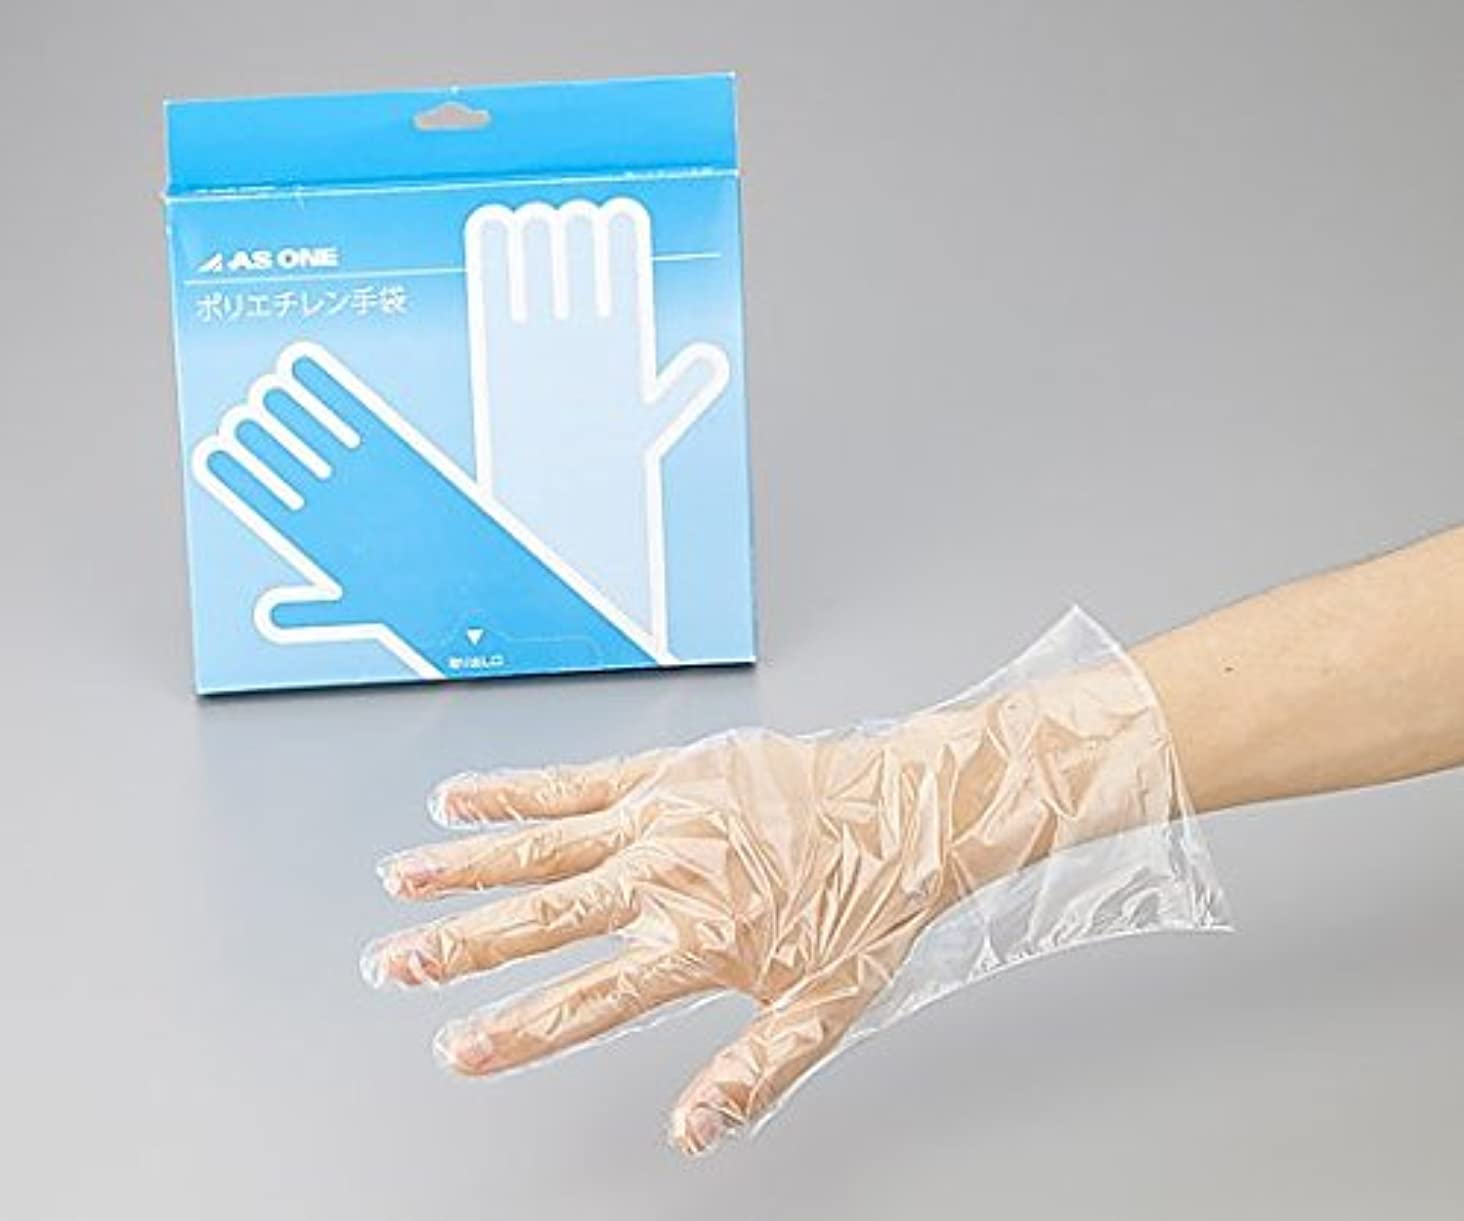 ルー防ぐ永久にアズワン2-4973-01ポリエチレン手袋スタンダード標準厚L100枚入